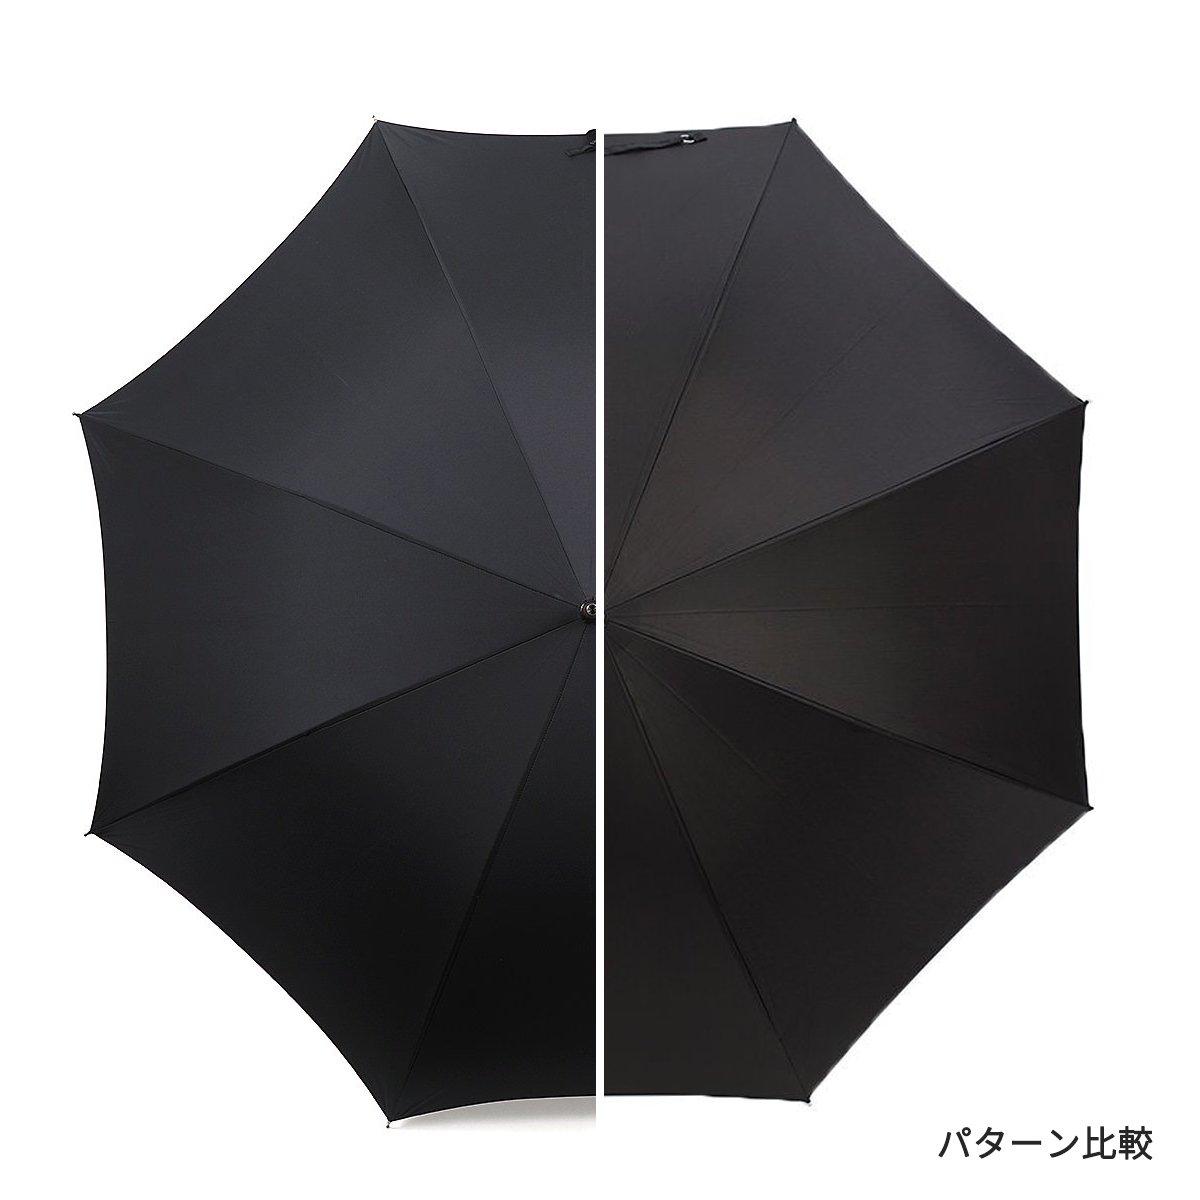 太鼓傘 - 樫棒 詳細画像29